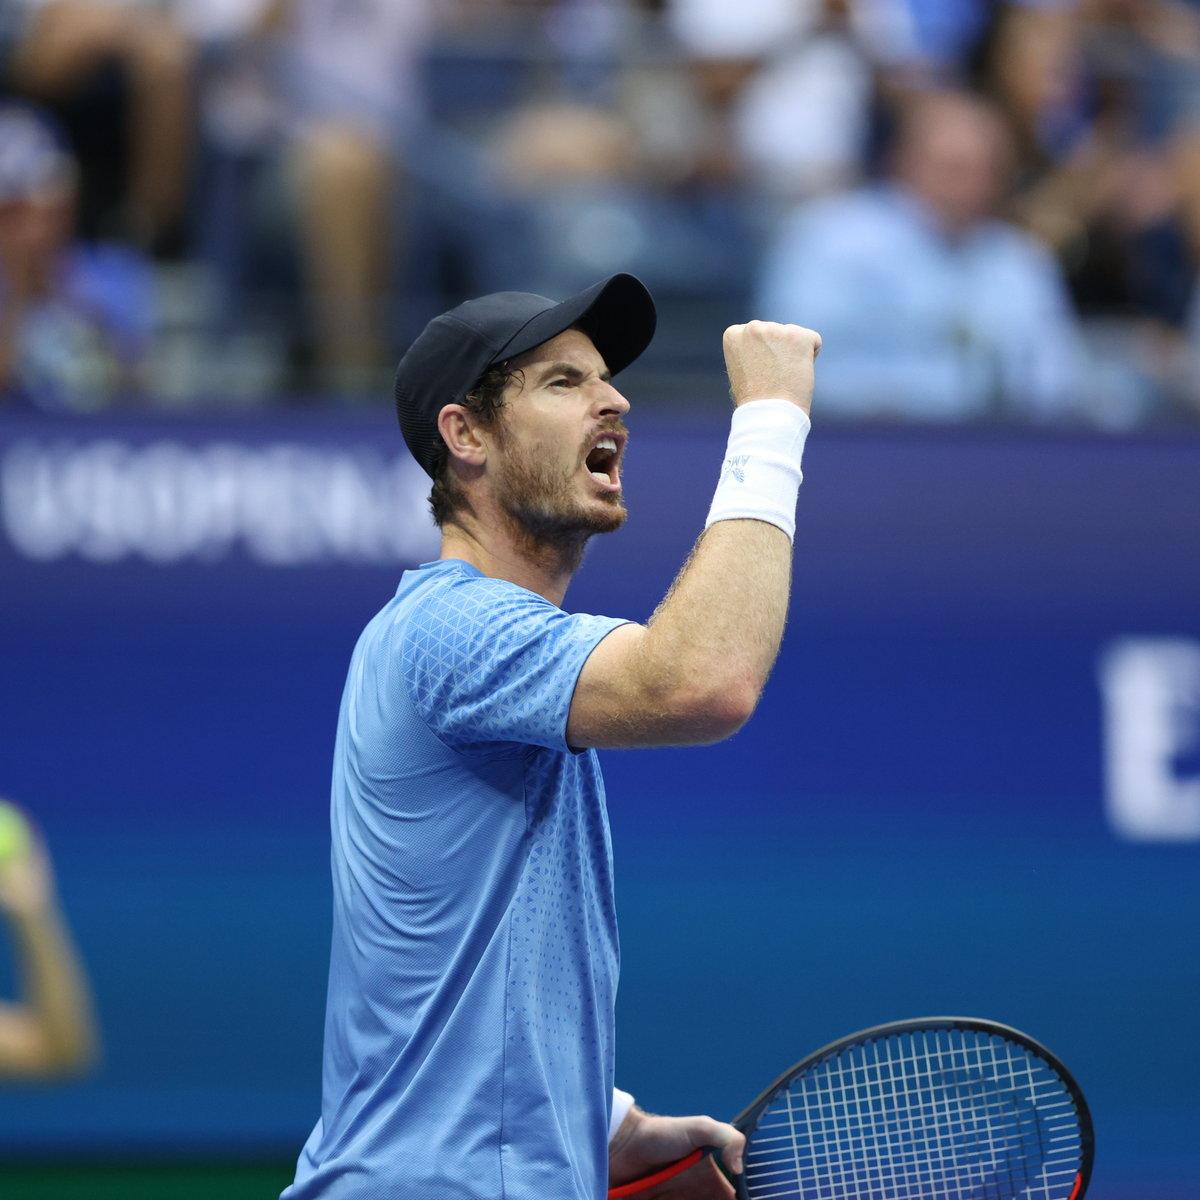 Andy Murray switcht auf die Challenger-Tour - und startet erfolgreich ·  tennisnet.com